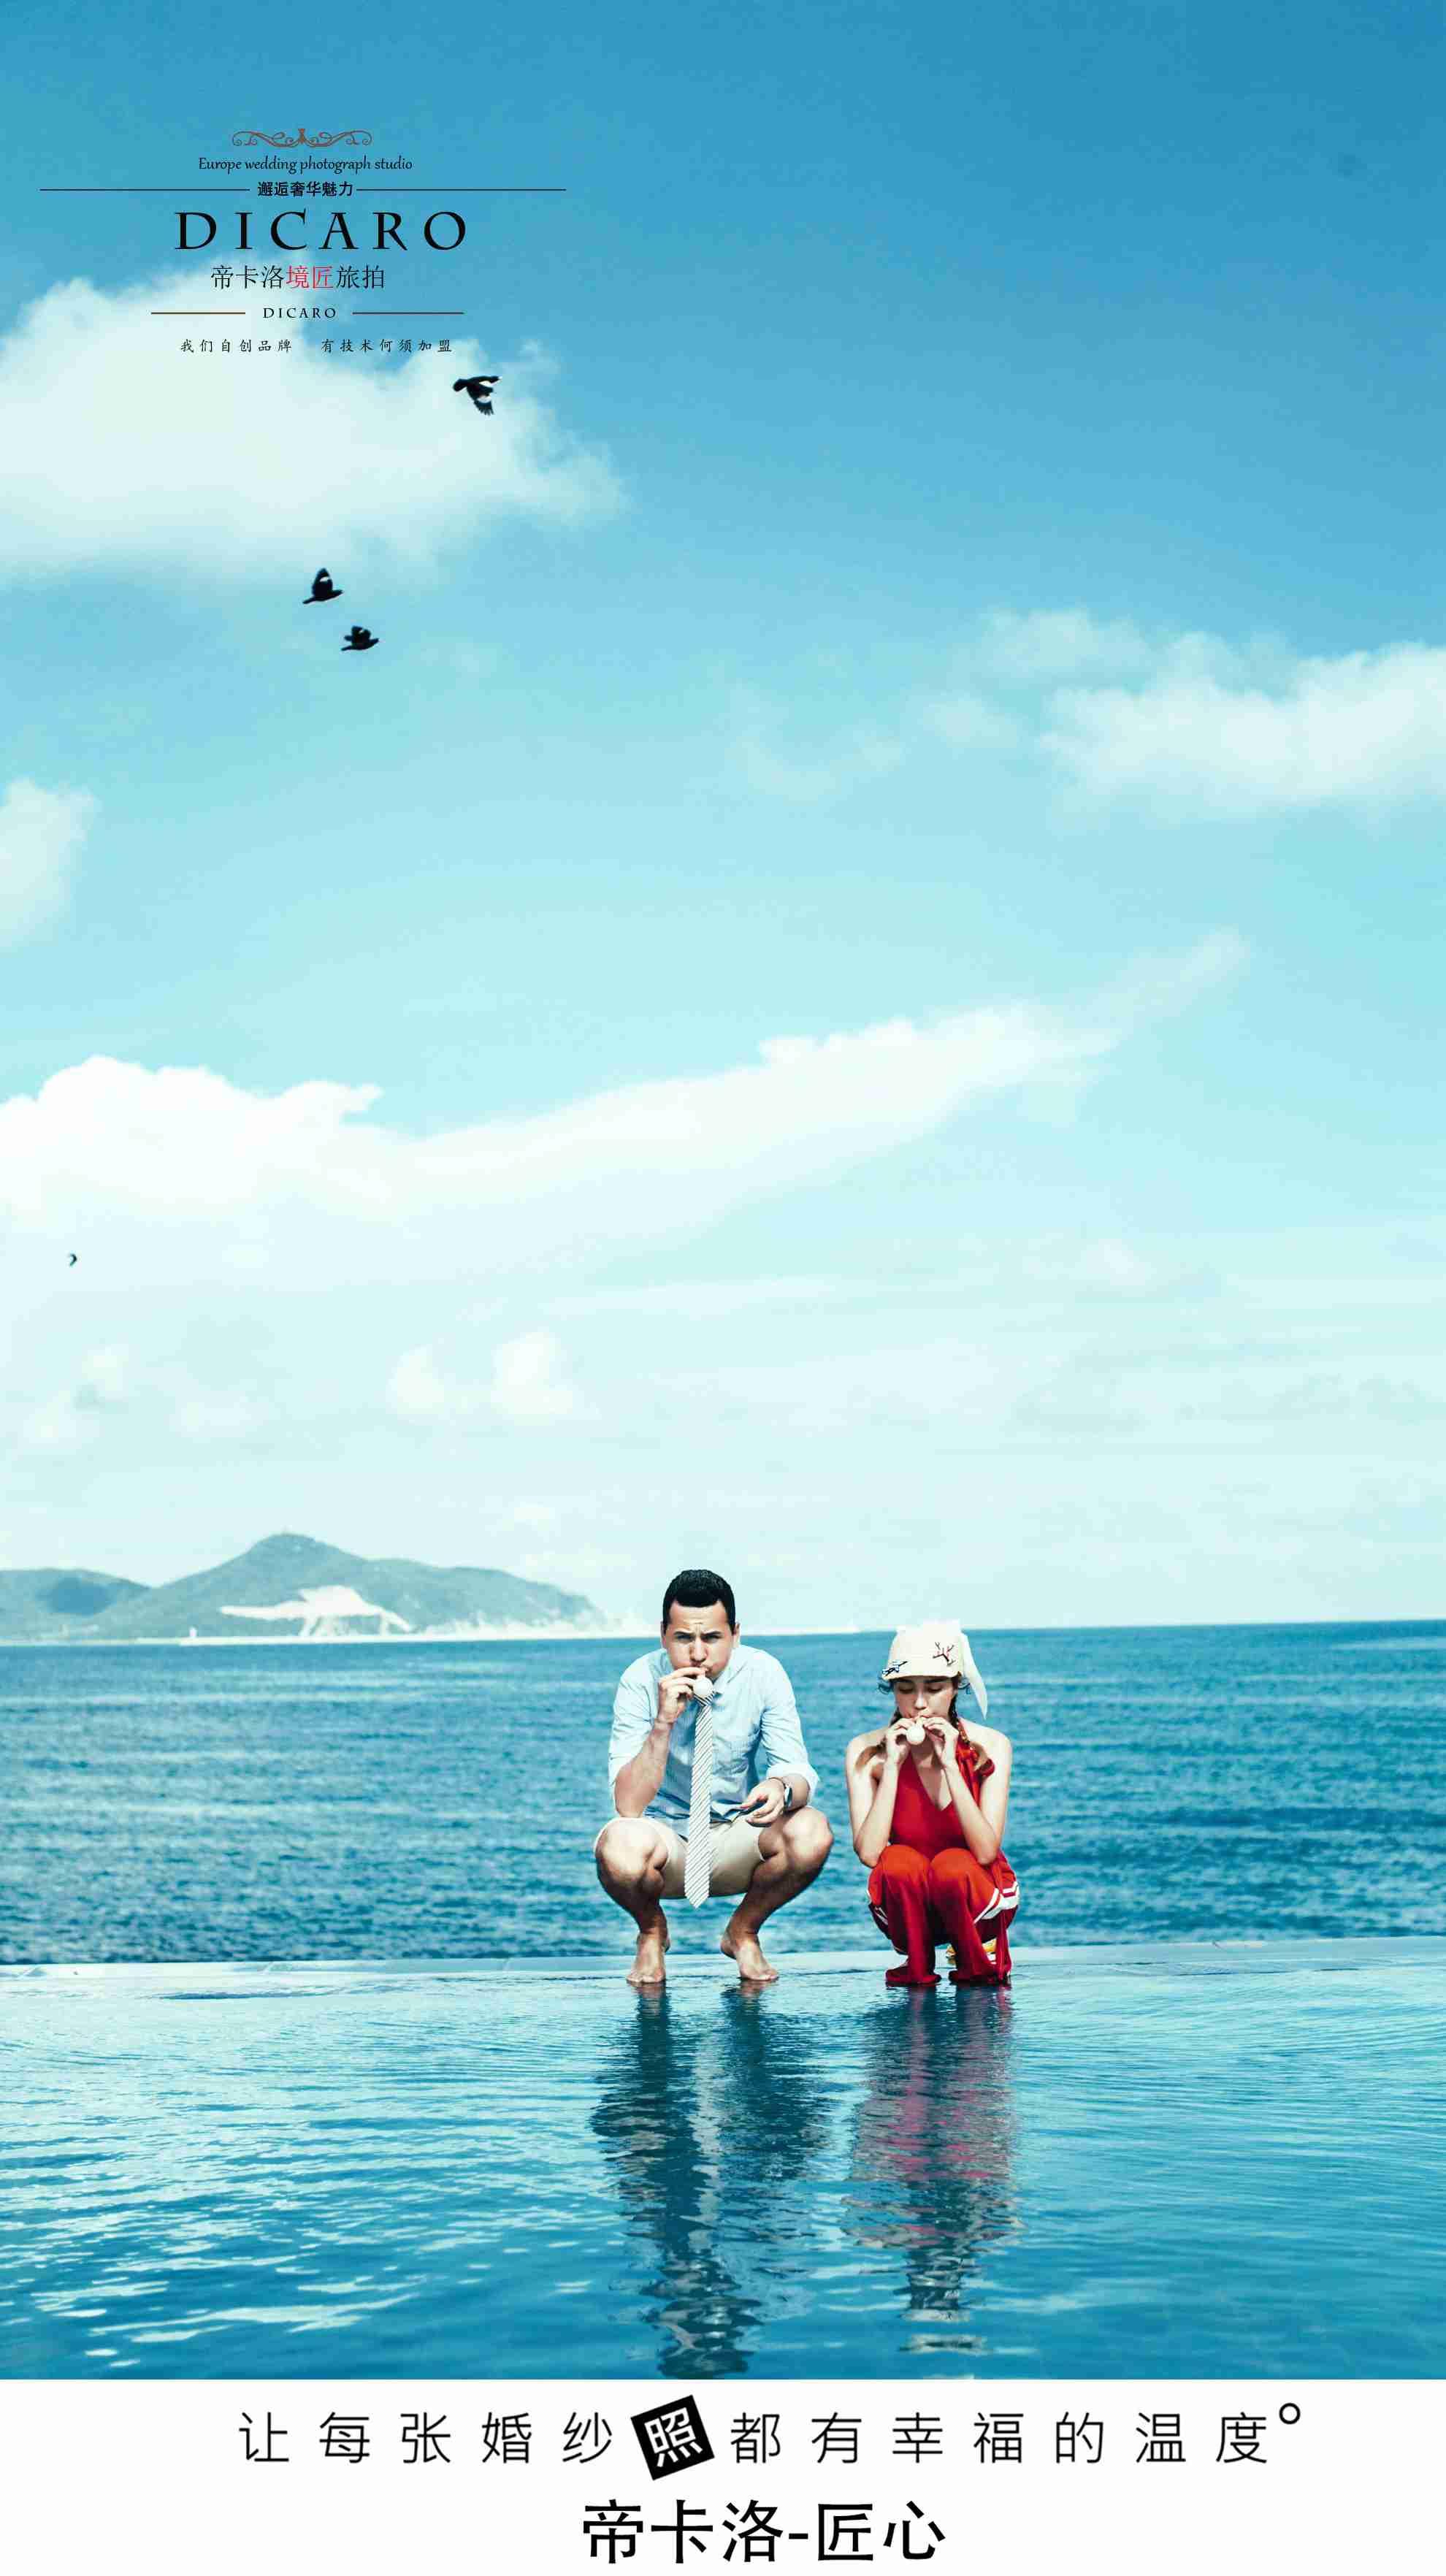 帝卡洛境匠旅拍三亚海边沙滩婚纱照